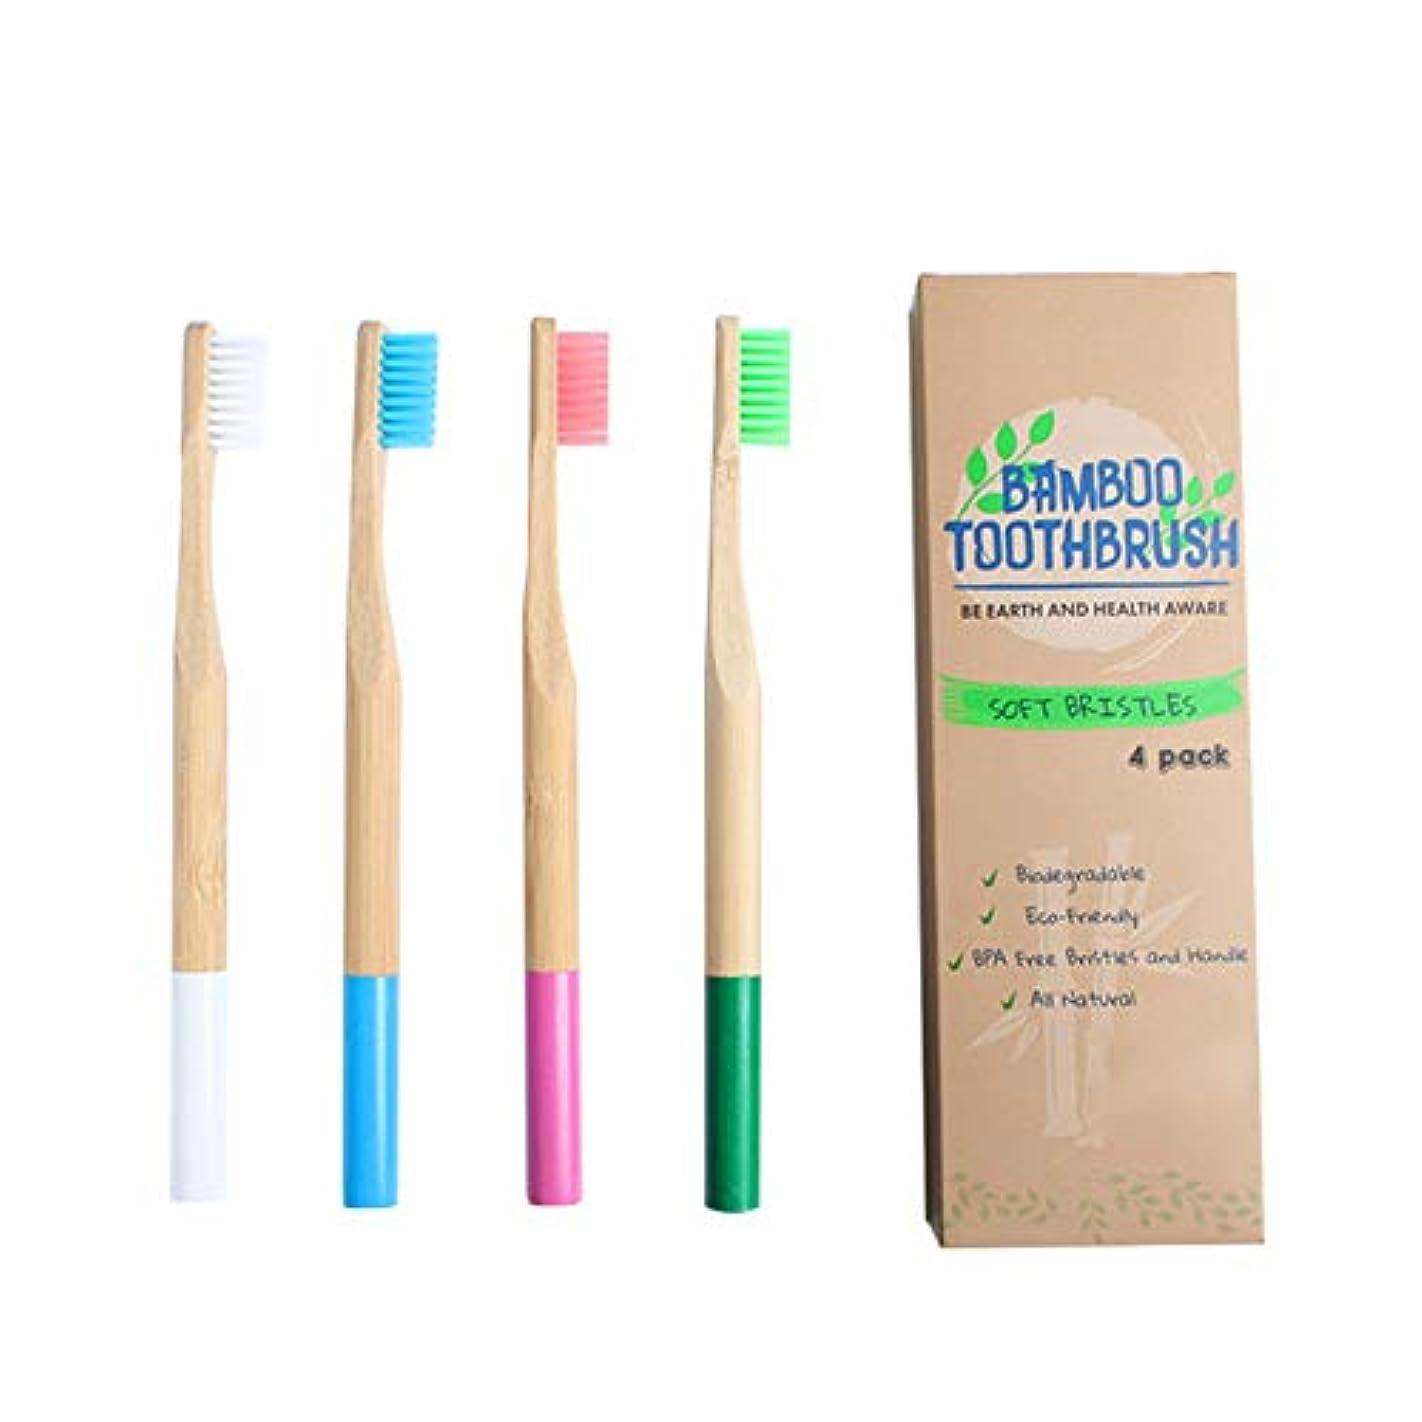 増強する不毛の統治する高品質竹歯ブラシ色い色4スティック自然環境柔らかい毛皮 ラウンド木製ハンドルペイント手動歯ブラシ